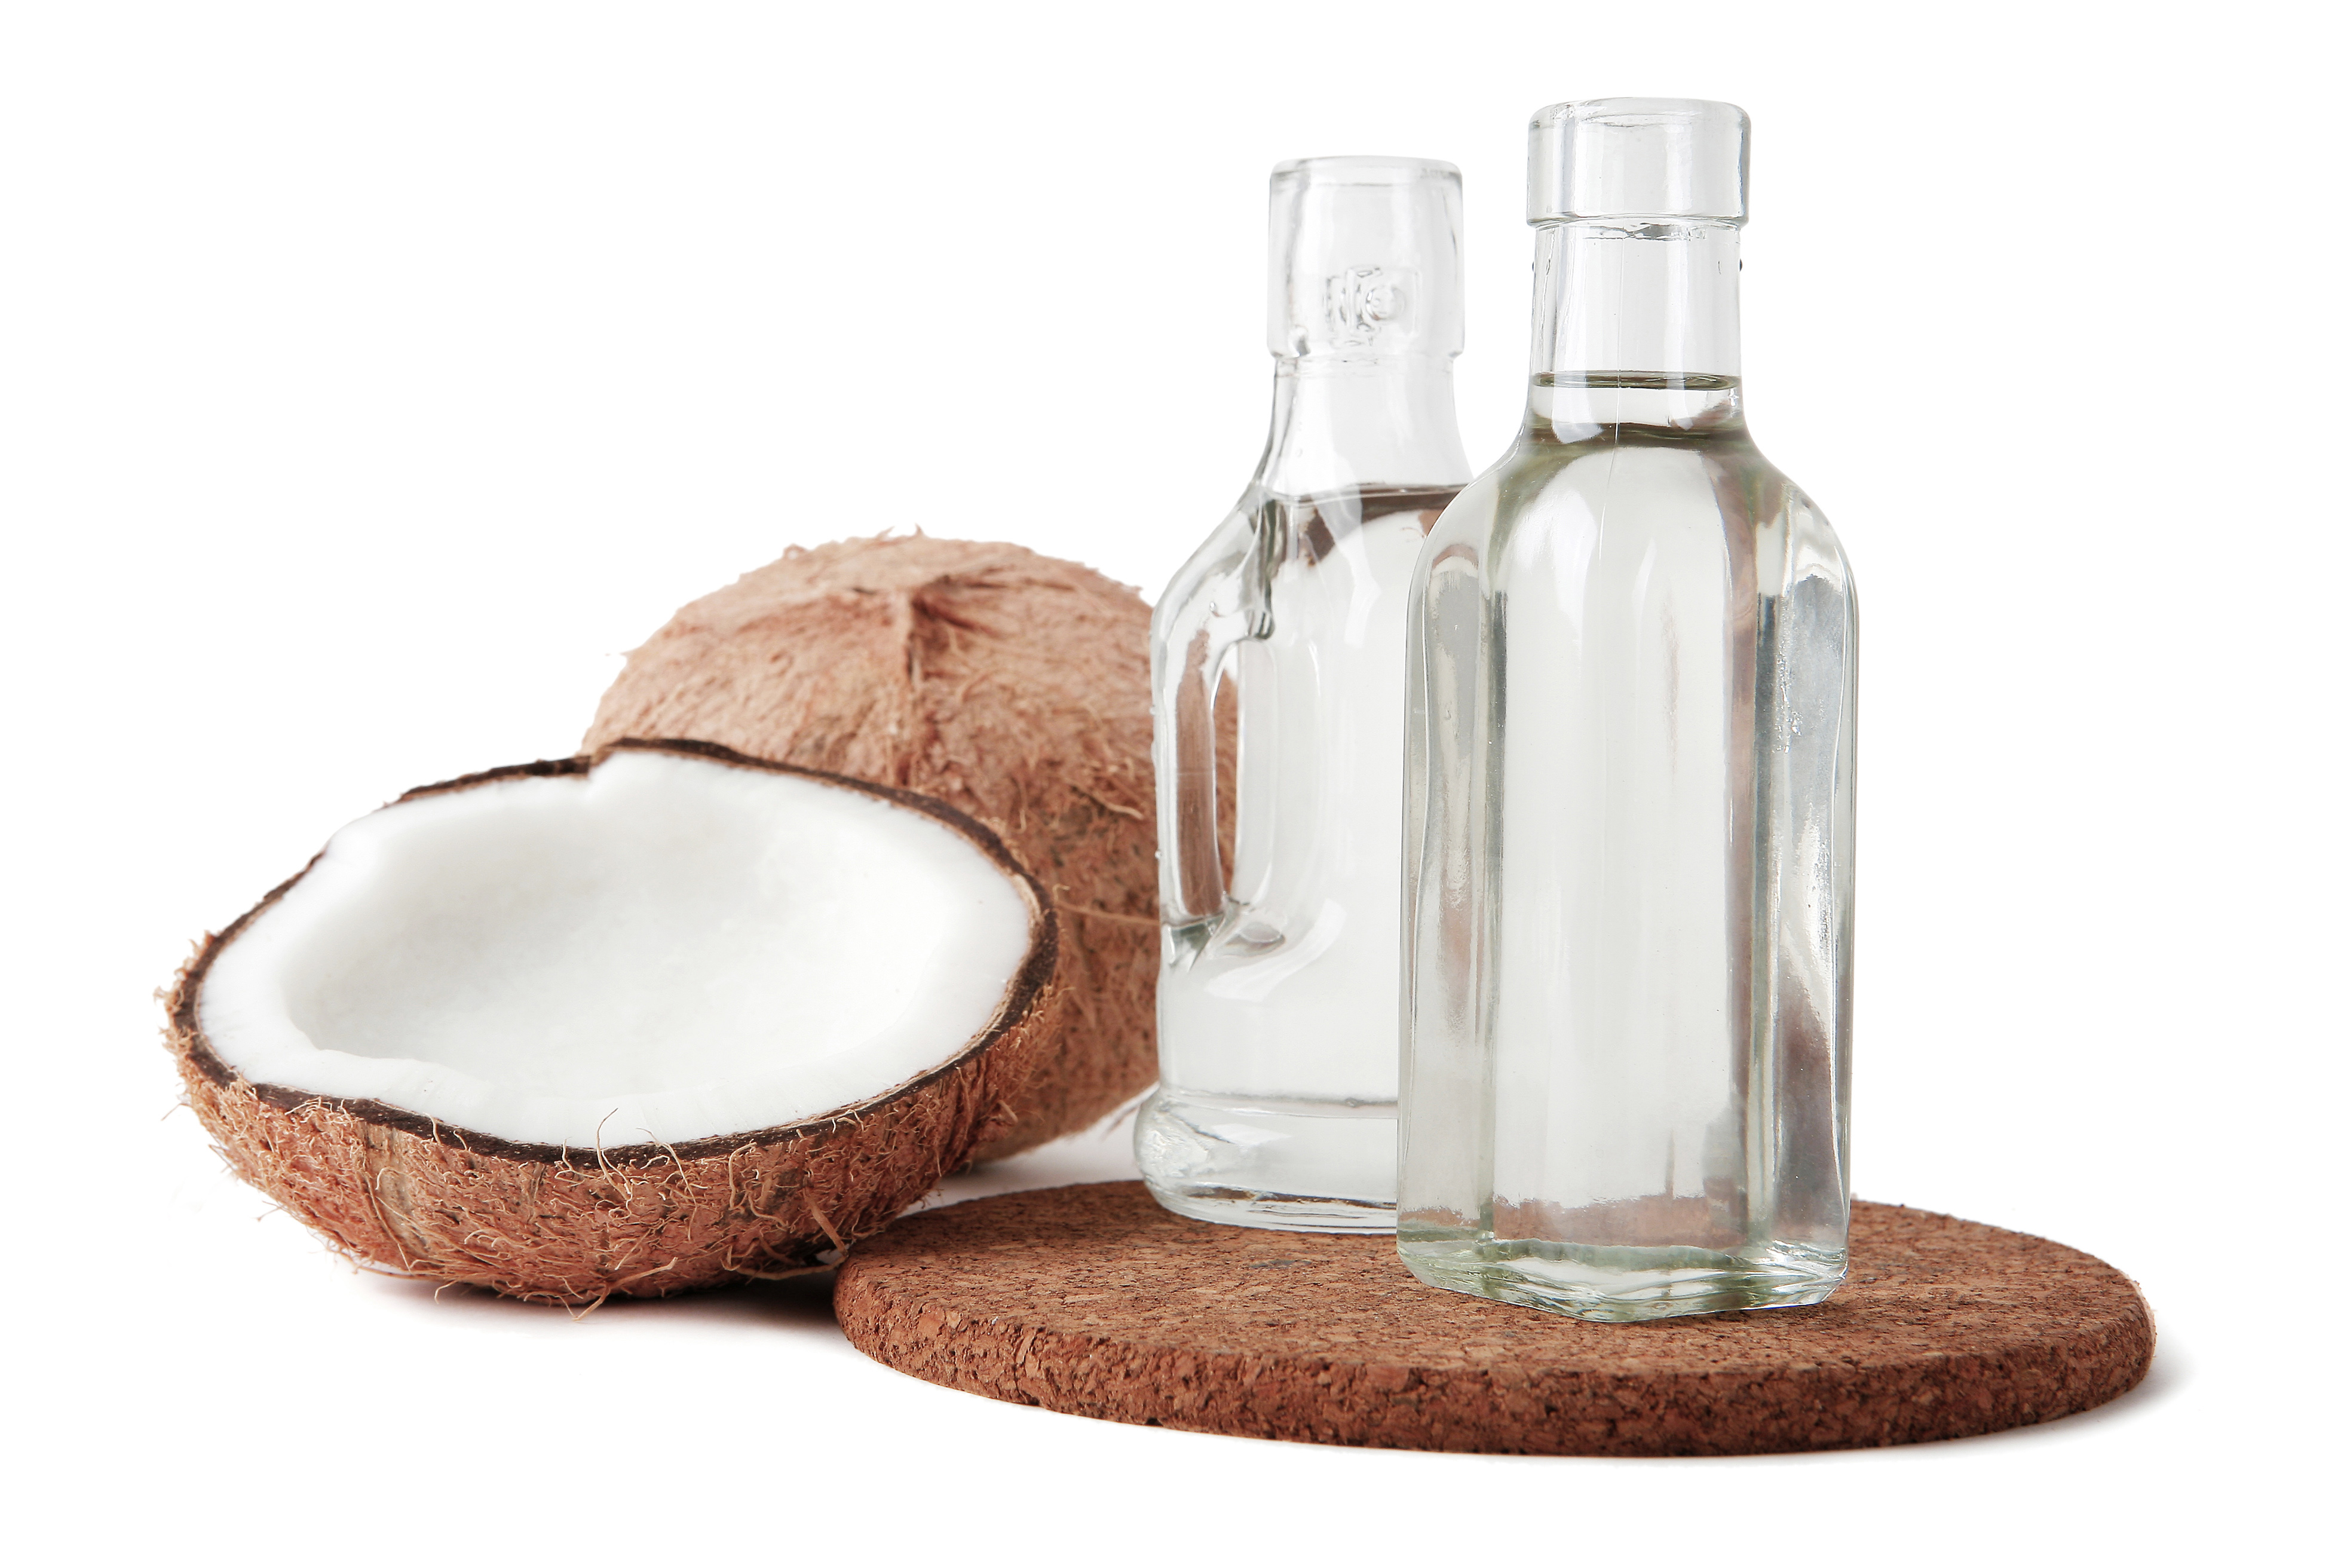 Manfaat Virgin Coconut Oil Bagi Kesehatan Dan Kecantikan